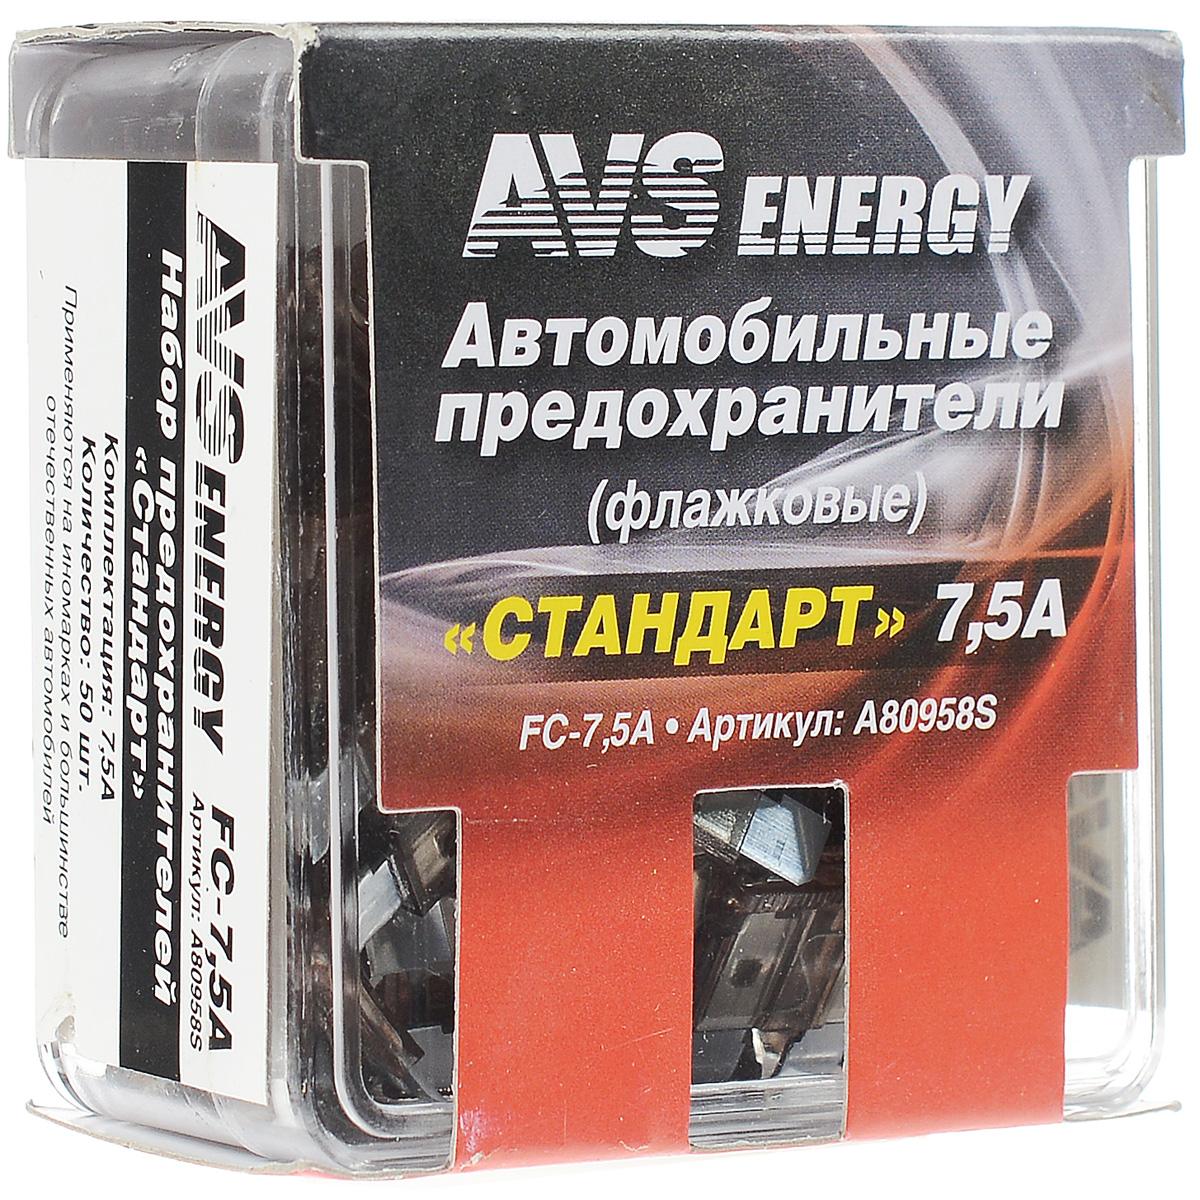 Набор автомобильных предохранителей AVS Стандарт, 7,5А, 50 штA80958SАвтомобильные флажковые предохранители AVS помогут защитить электрические цепи автомобиля от короткого замыкания и позволят без проблем заменить сгоревший предохранитель в автомобиле. Корпус предохранителя выполнен из прозрачного пластика, а элемент - из цинкового сплава. Набор автомобильных предохранителей Стандарт применяется на иномарках и большинстве отечественных автомобилей. Номинал: 7,5А. Тип: флажковые.